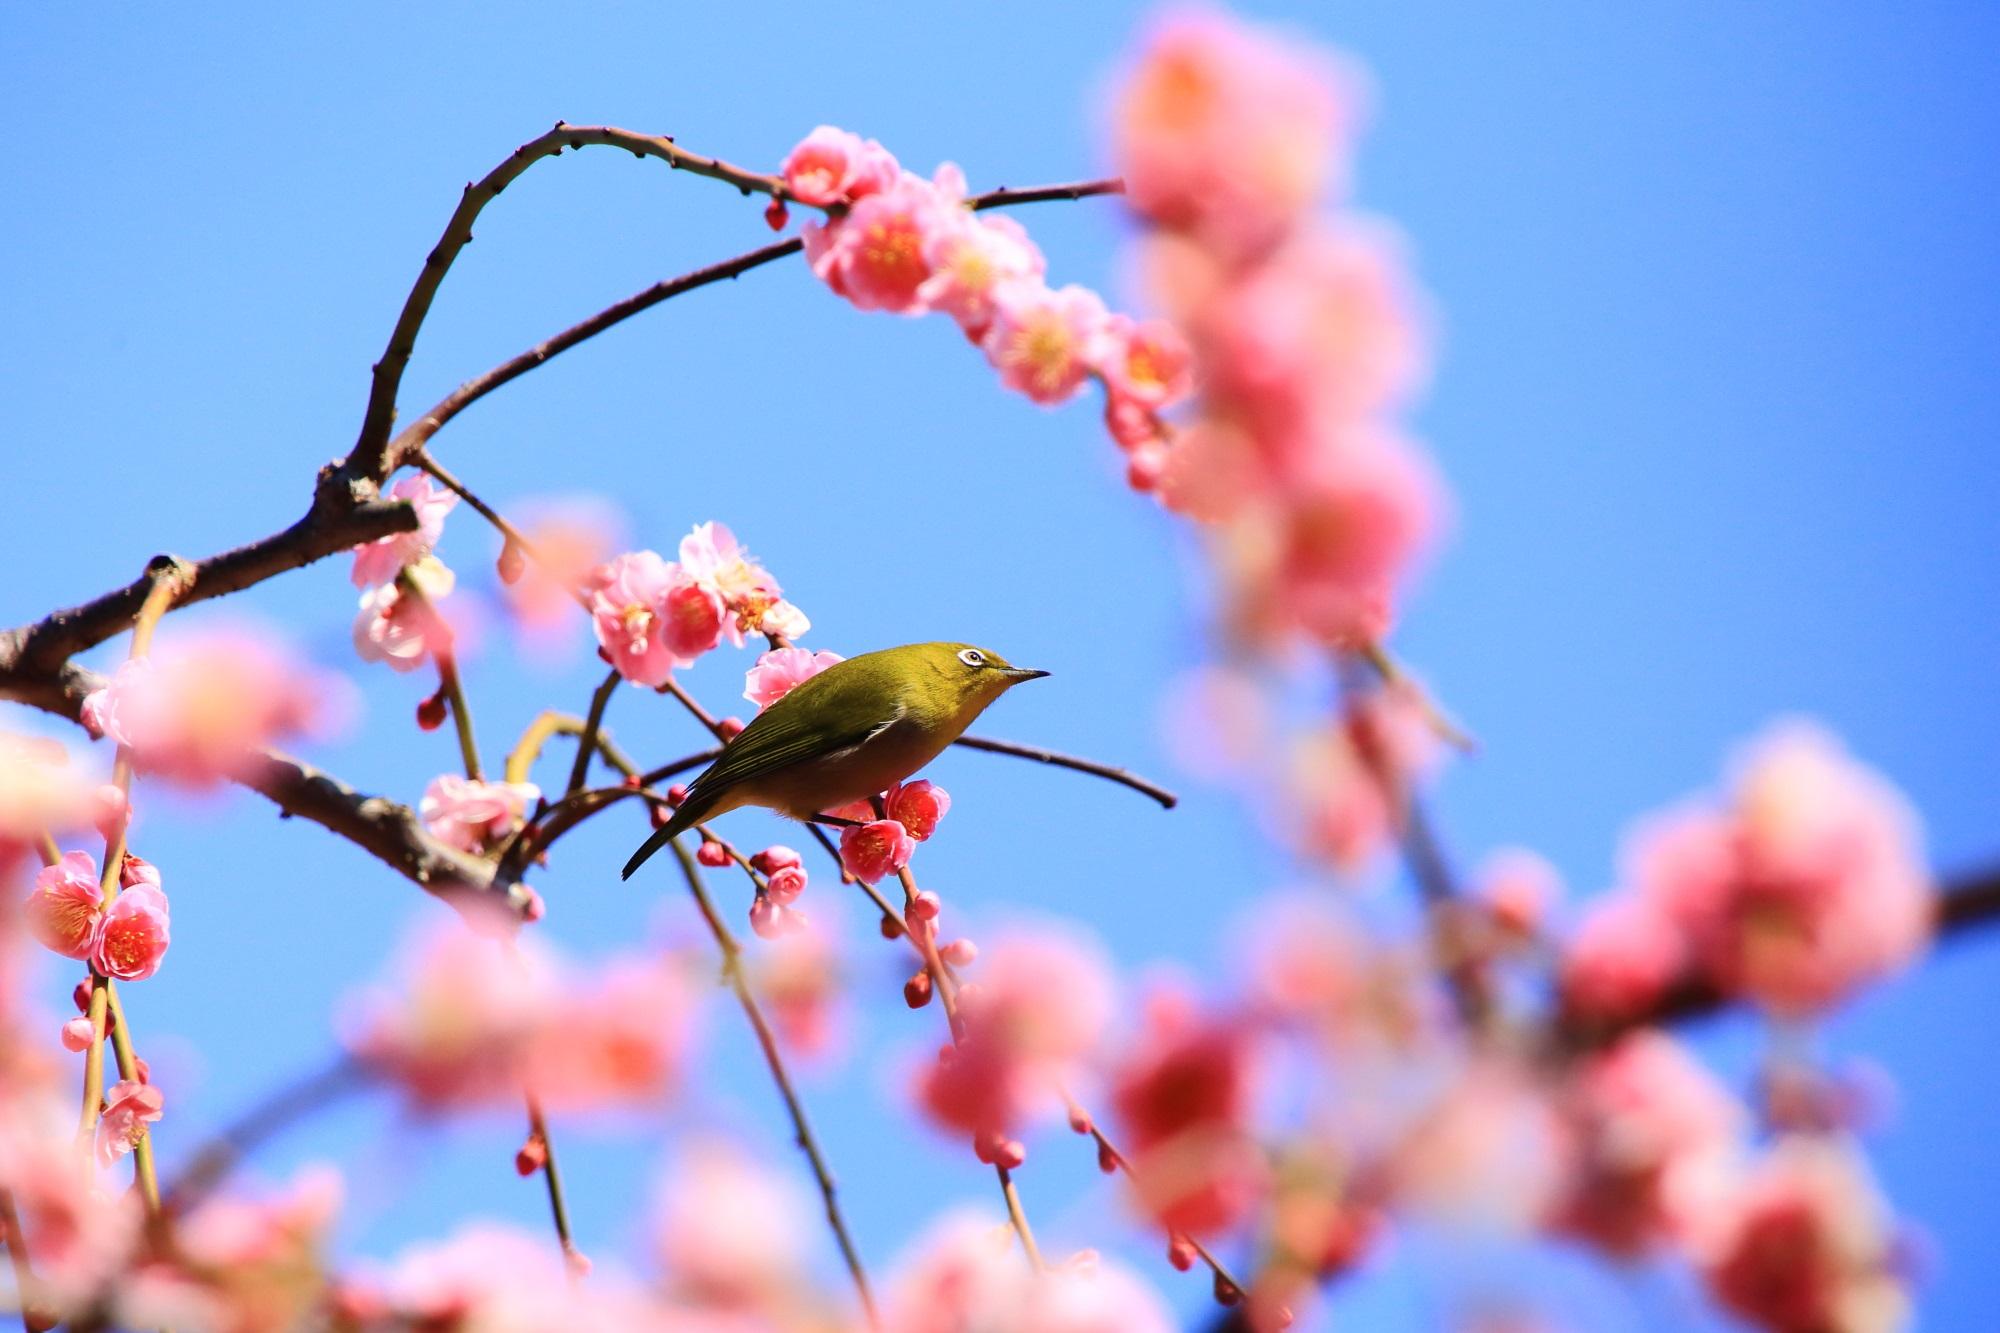 青い空とピンクの梅に良く合う緑のメジロ